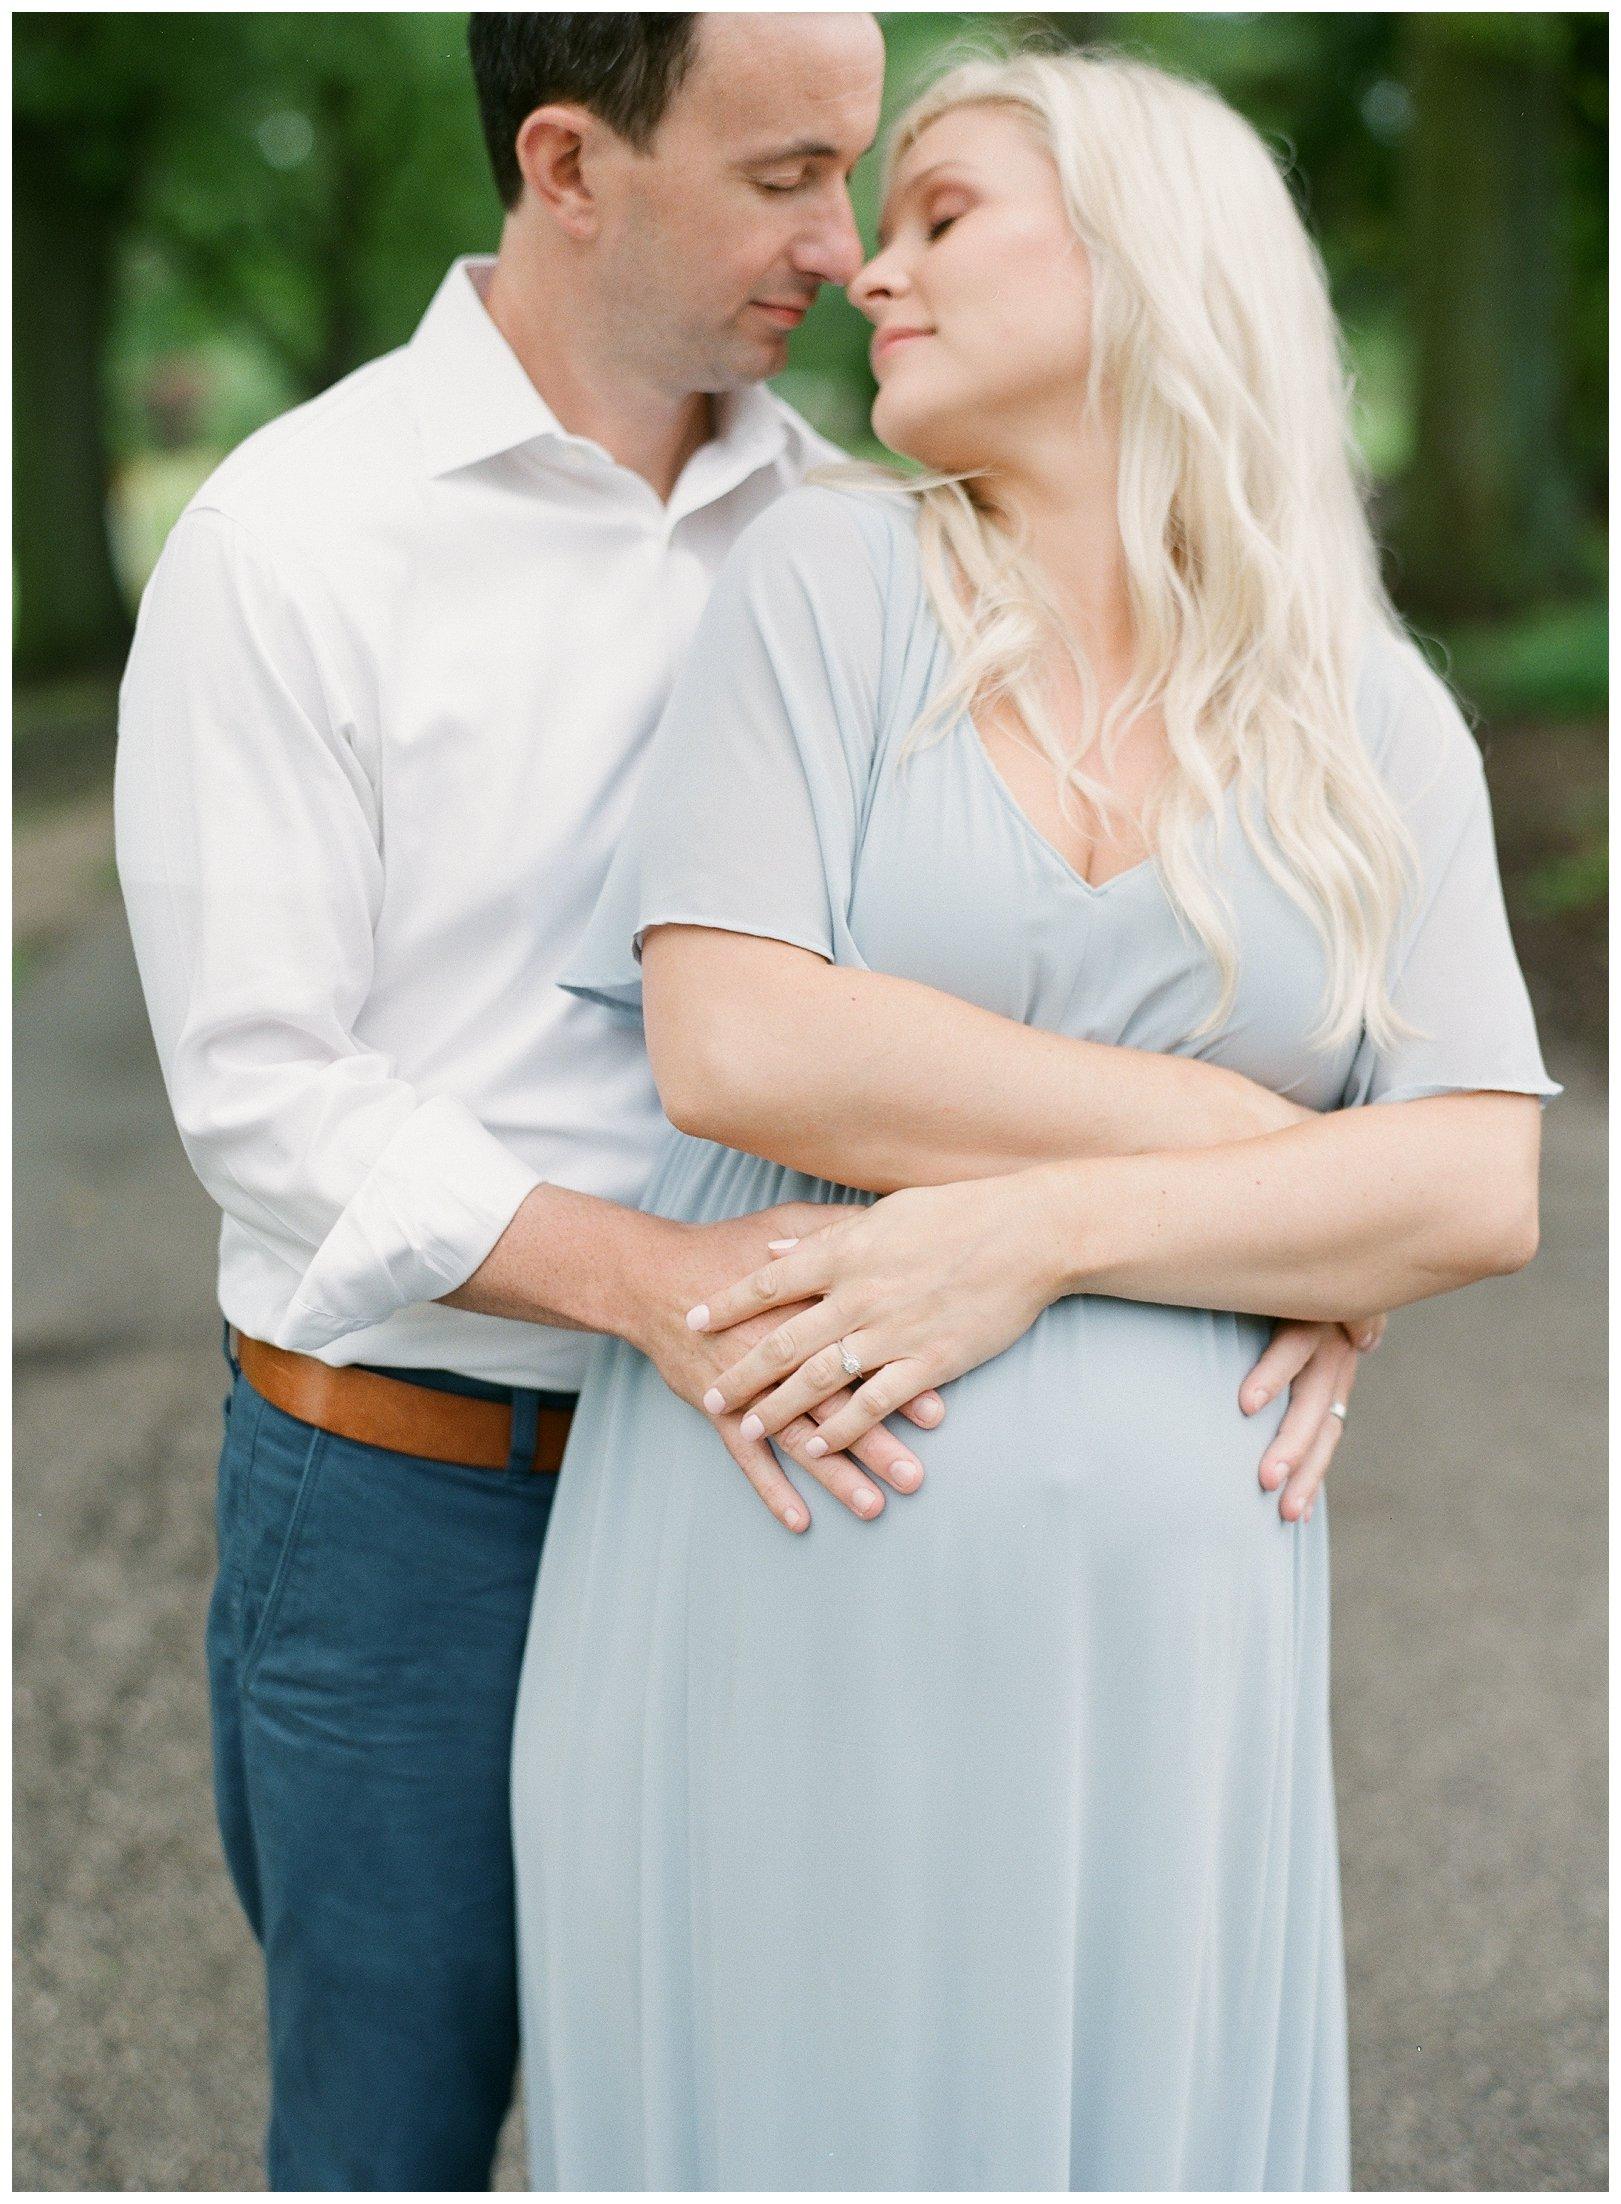 lauren muckler photography_fine art film wedding photography_st louis_photography_3340.jpg